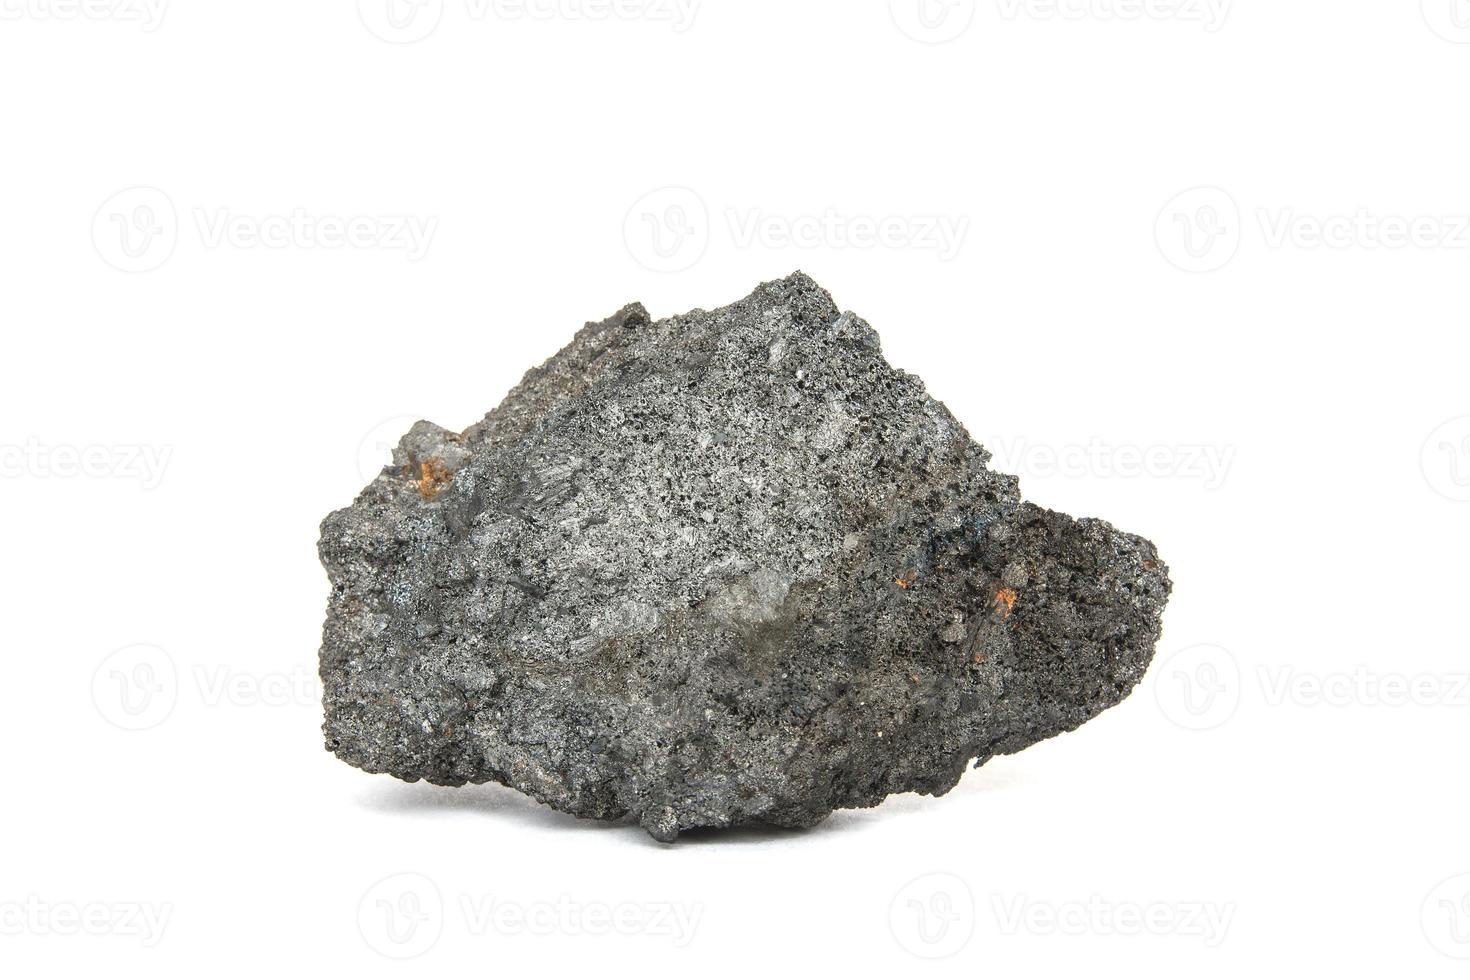 carbone da coke su sfondo bianco foto